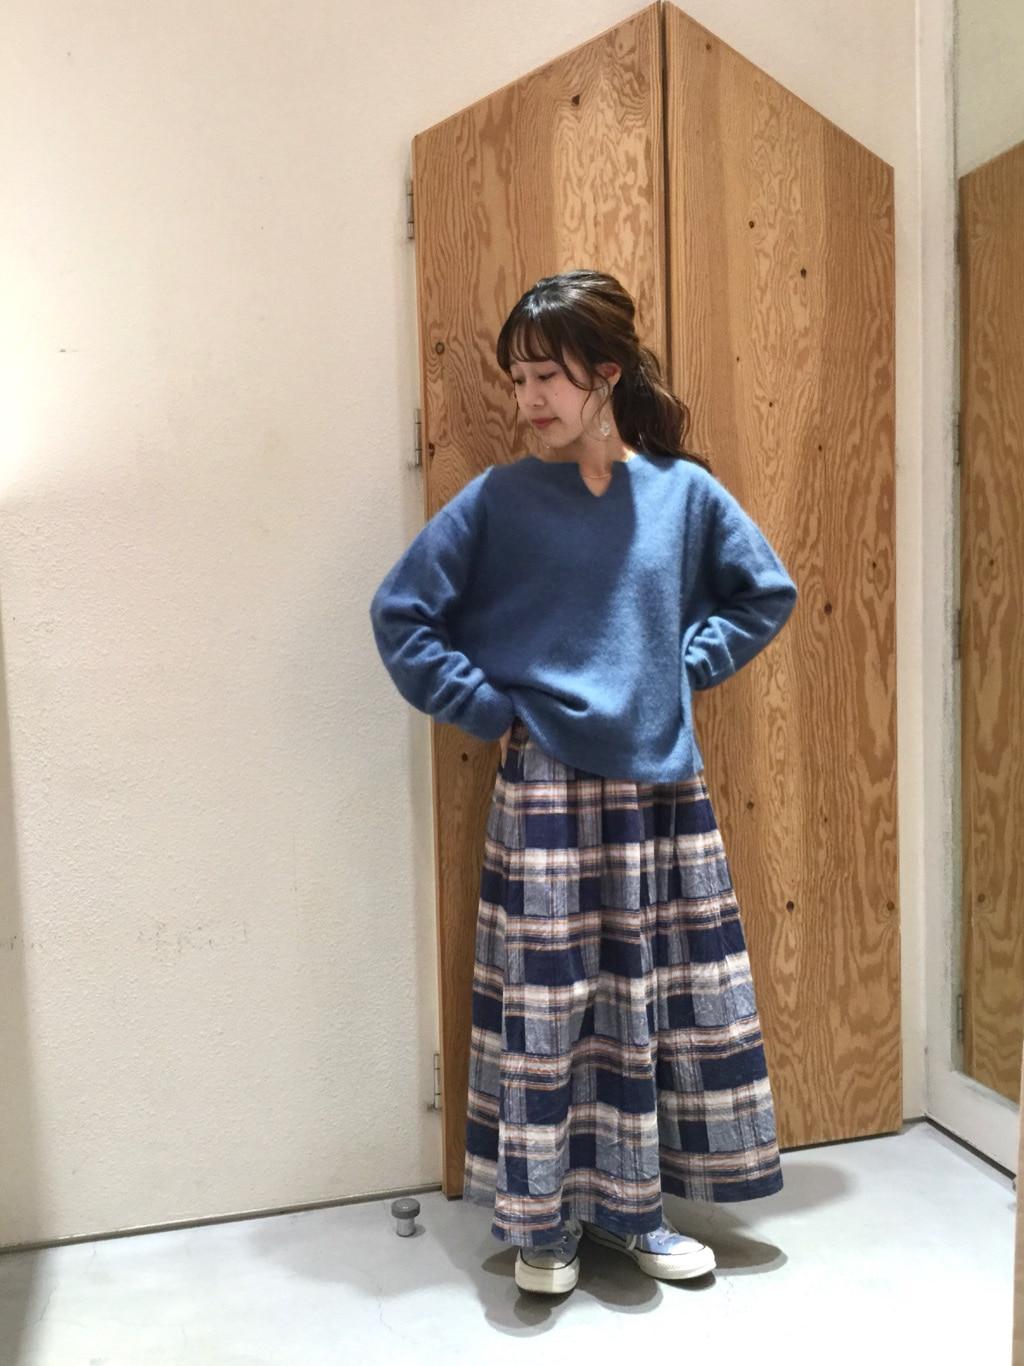 l'atelier du savon グランフロント大阪 身長:152cm 2019.12.13